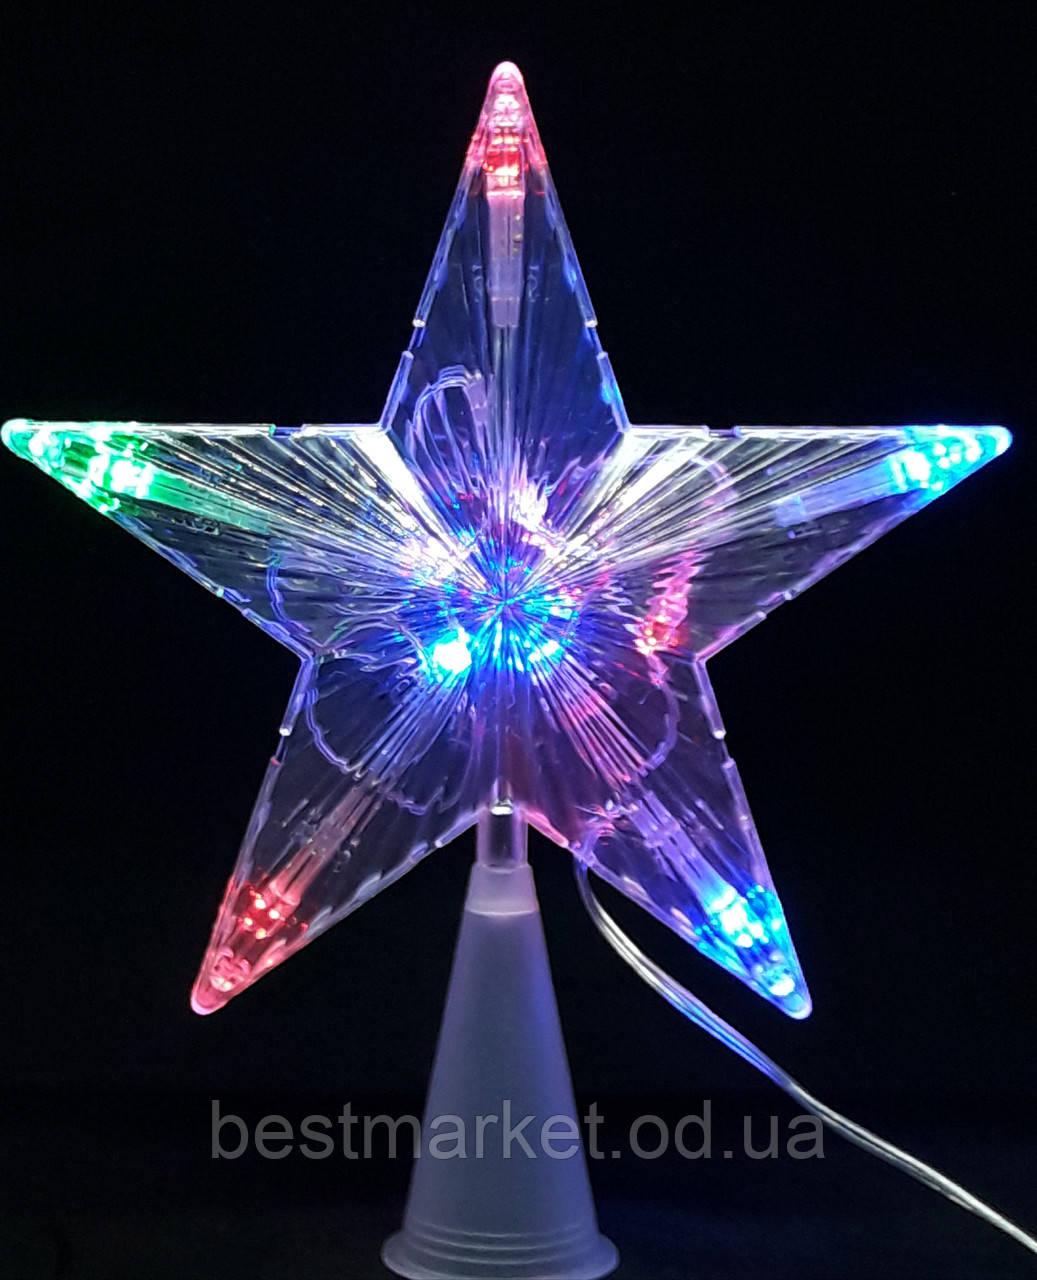 Новогодняя Верхушка Звезда с Подсветкой 18 см на Елку